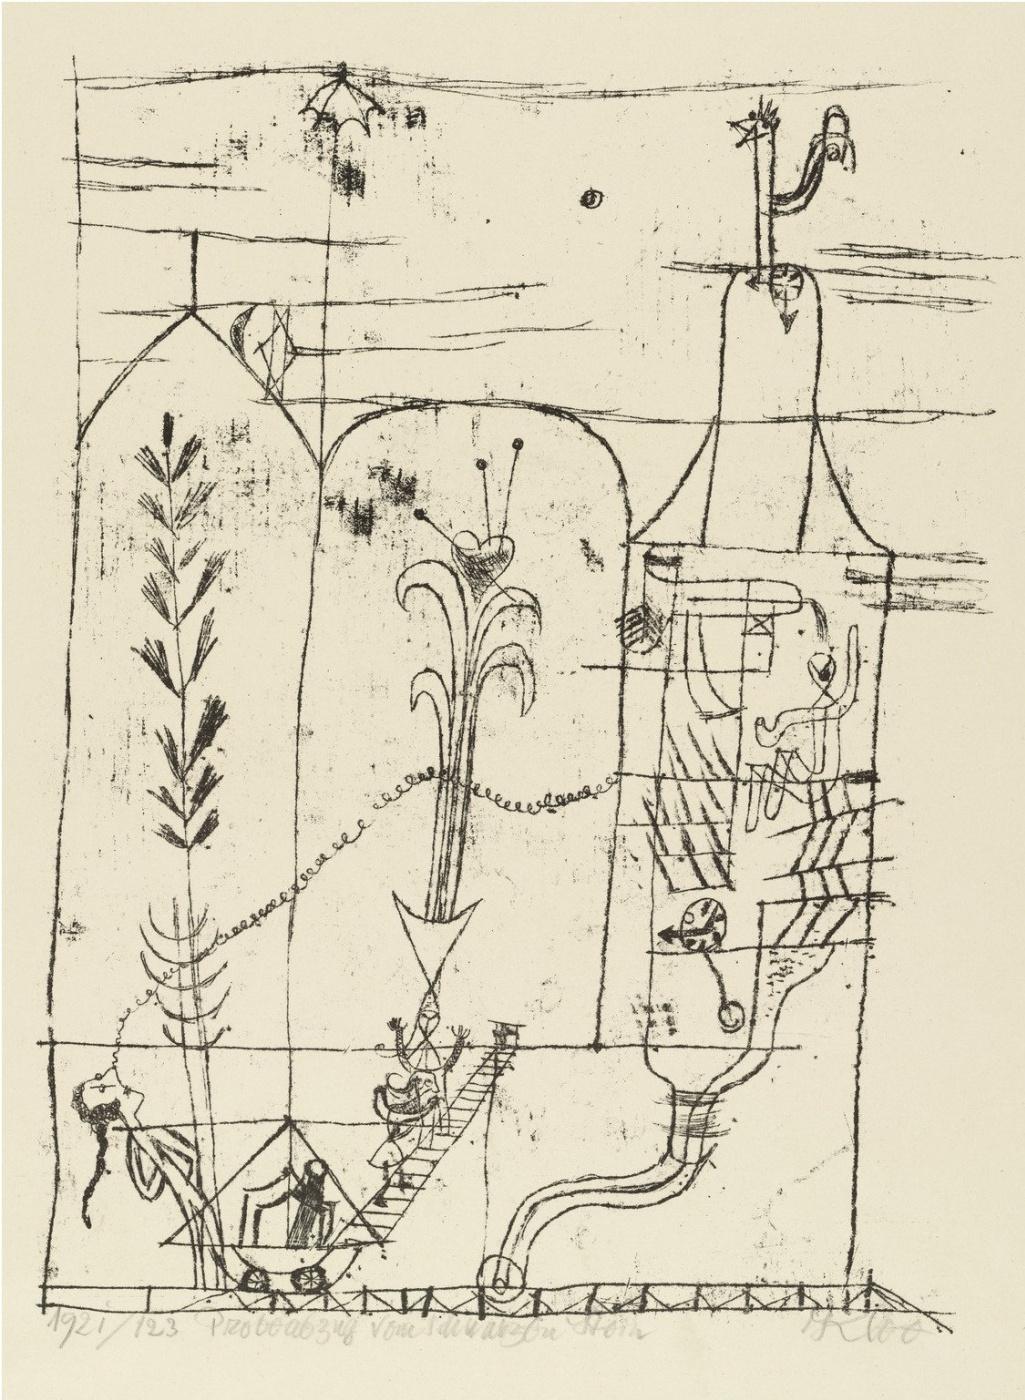 Paul Klee. Hoffmannesque Scene